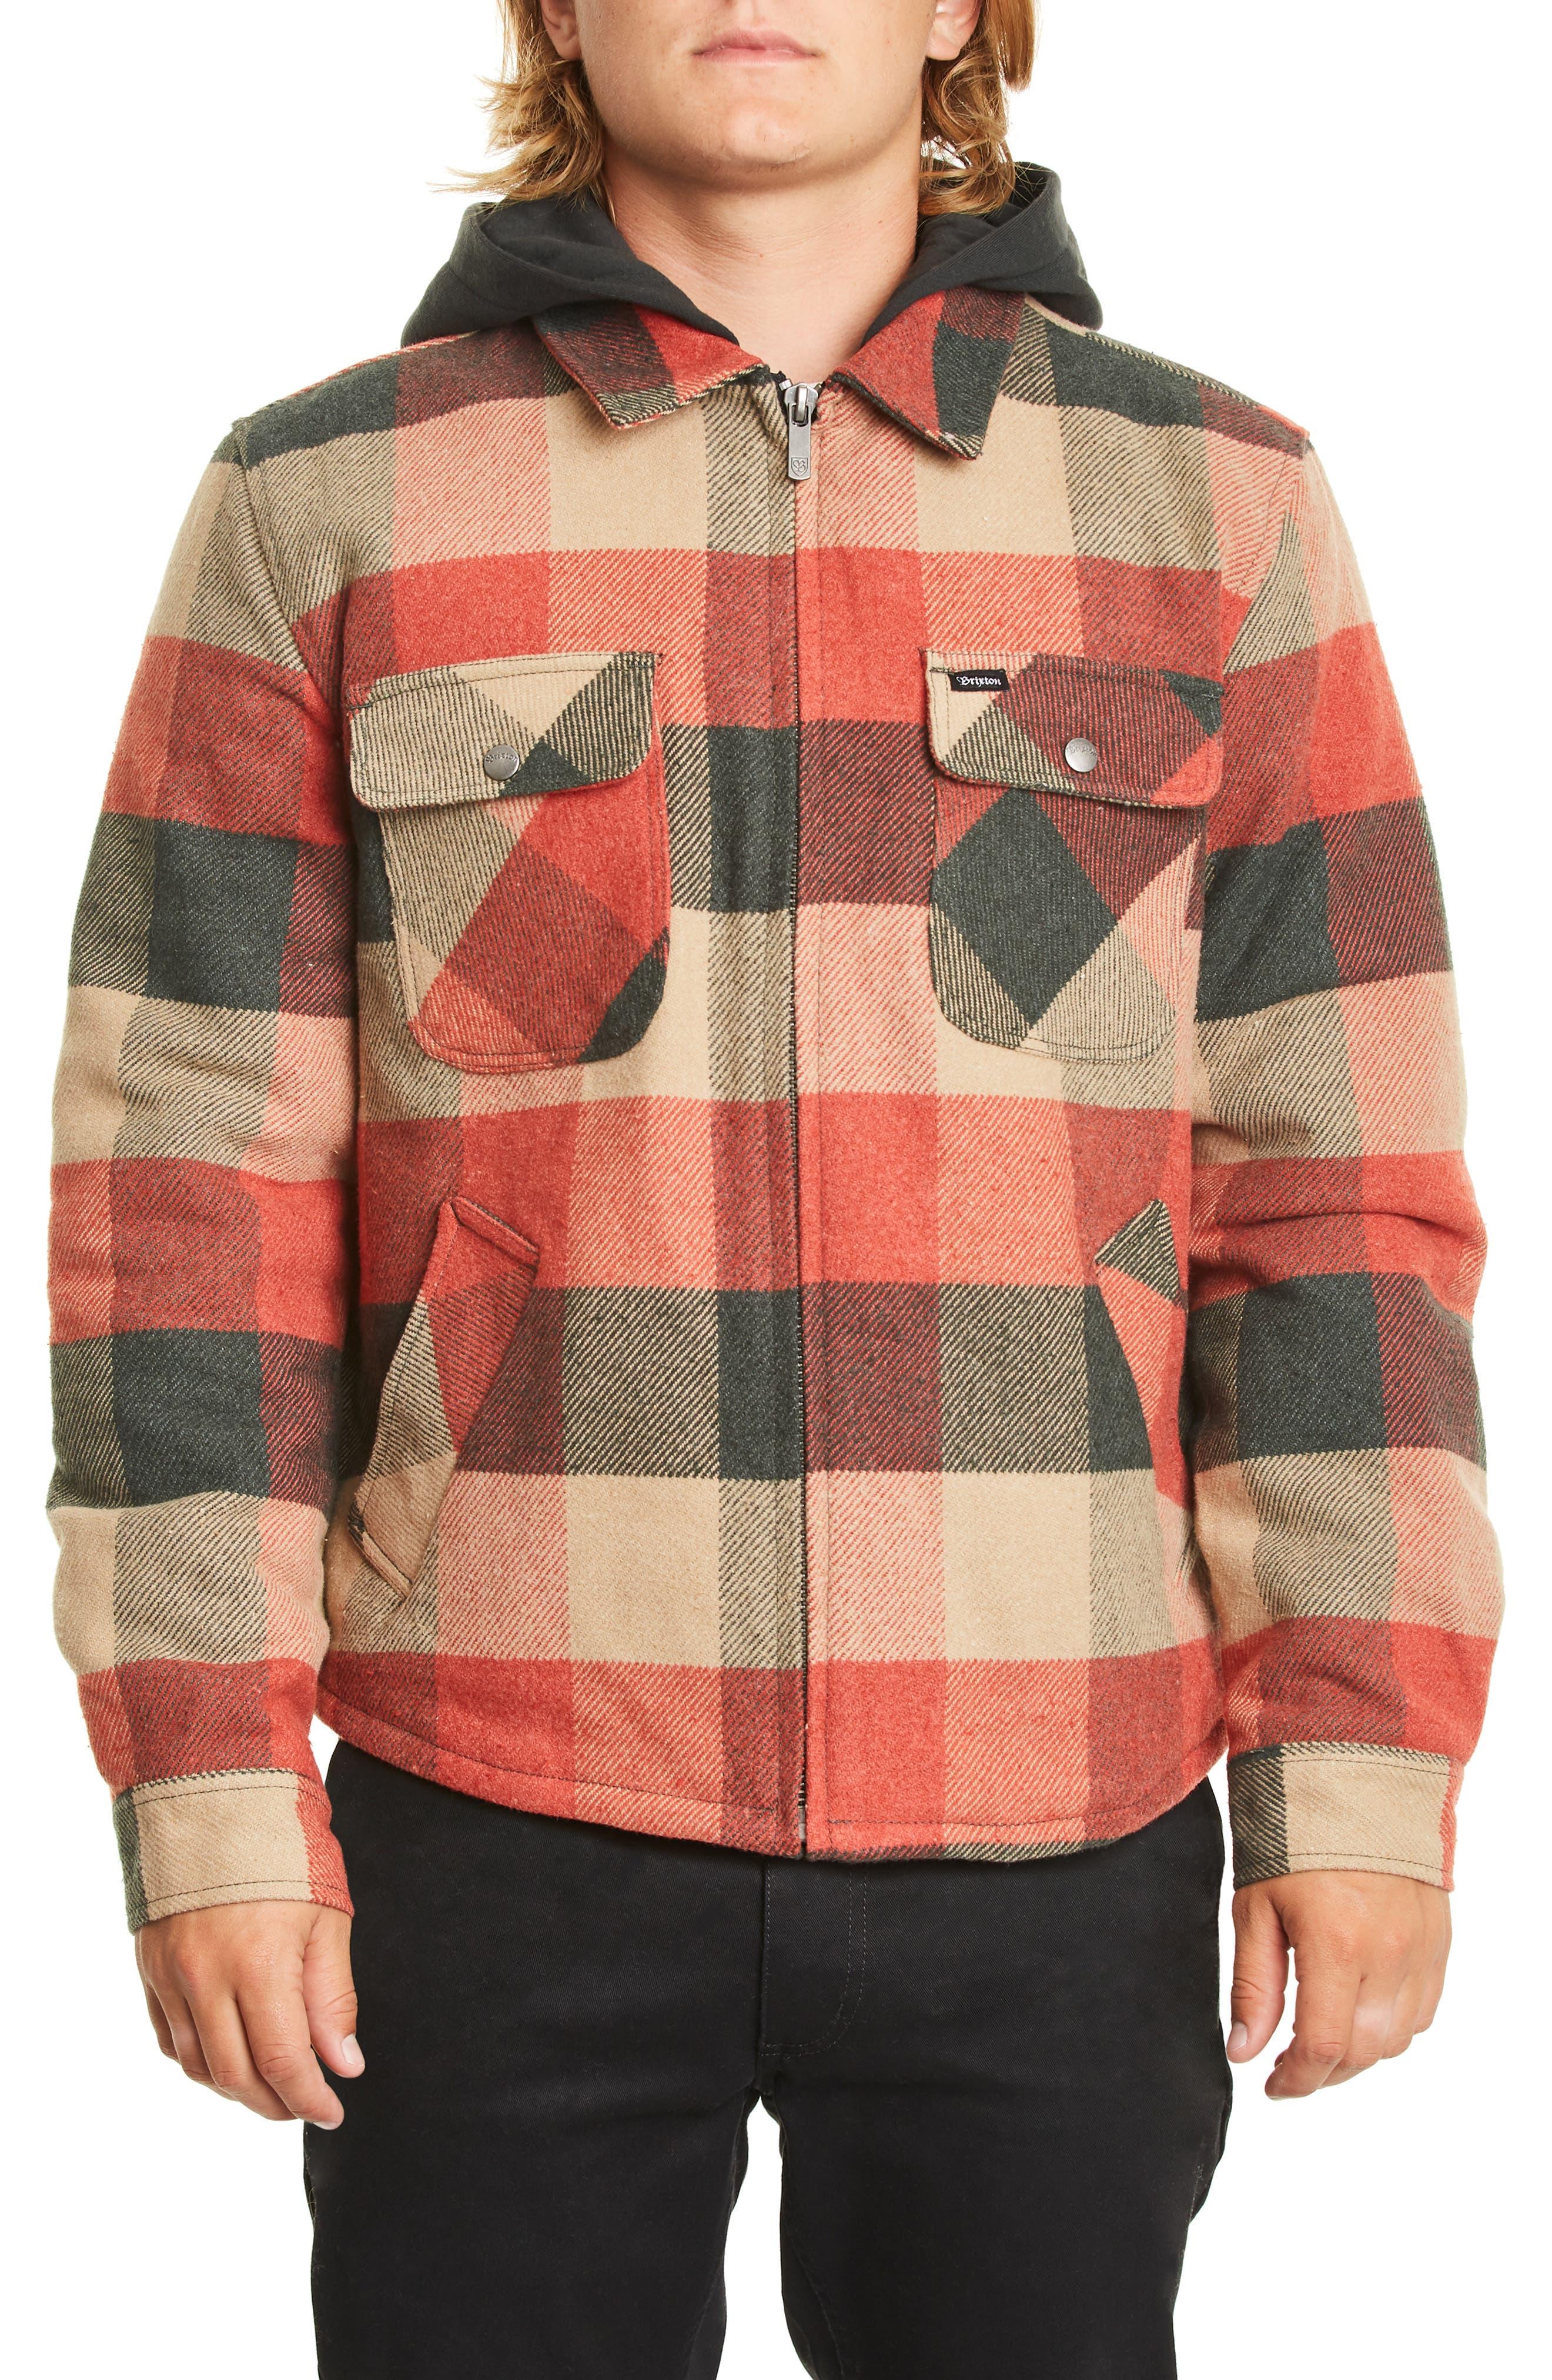 Bowery Jacket,                             Main thumbnail 1, color,                             BLACK/ RED